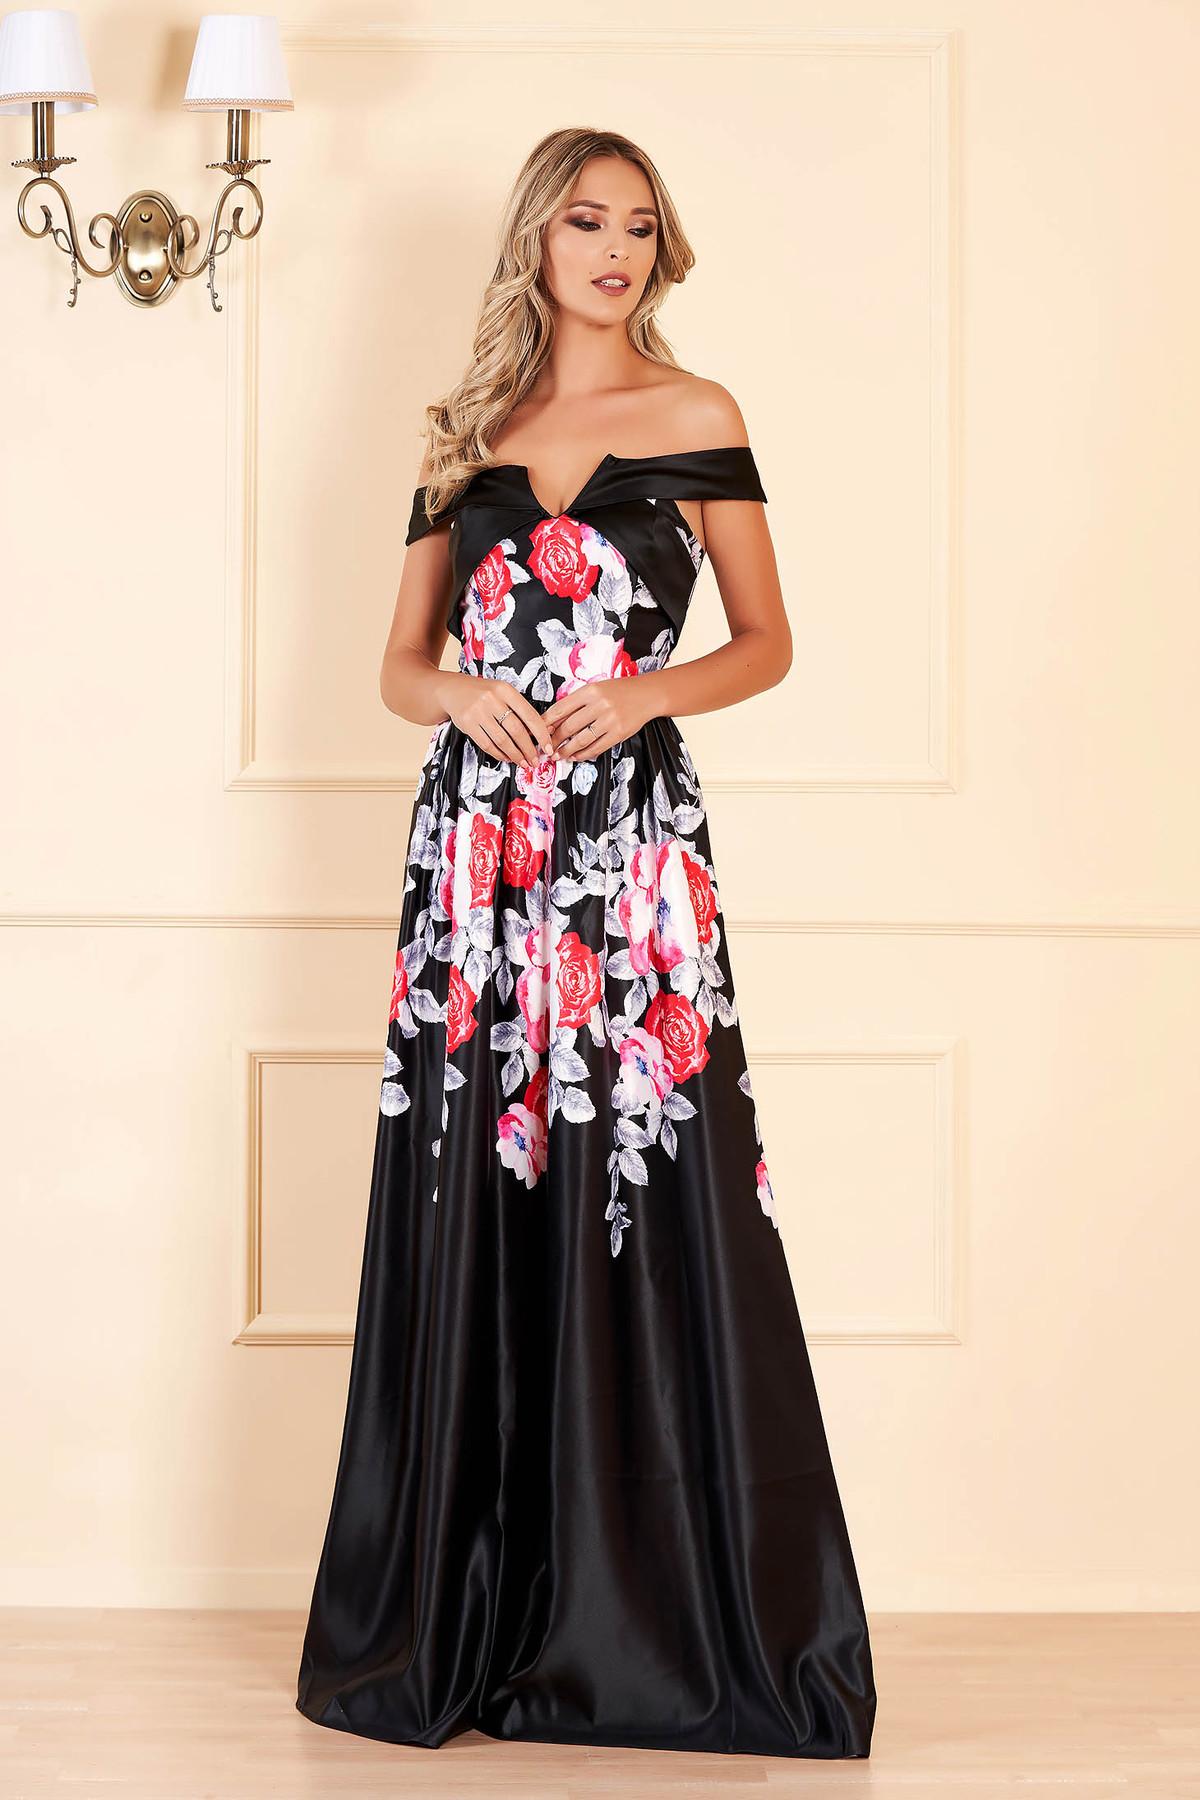 Rochie Artista neagra lunga de seara cu decolteu adanc si imprimeuri florale Artista